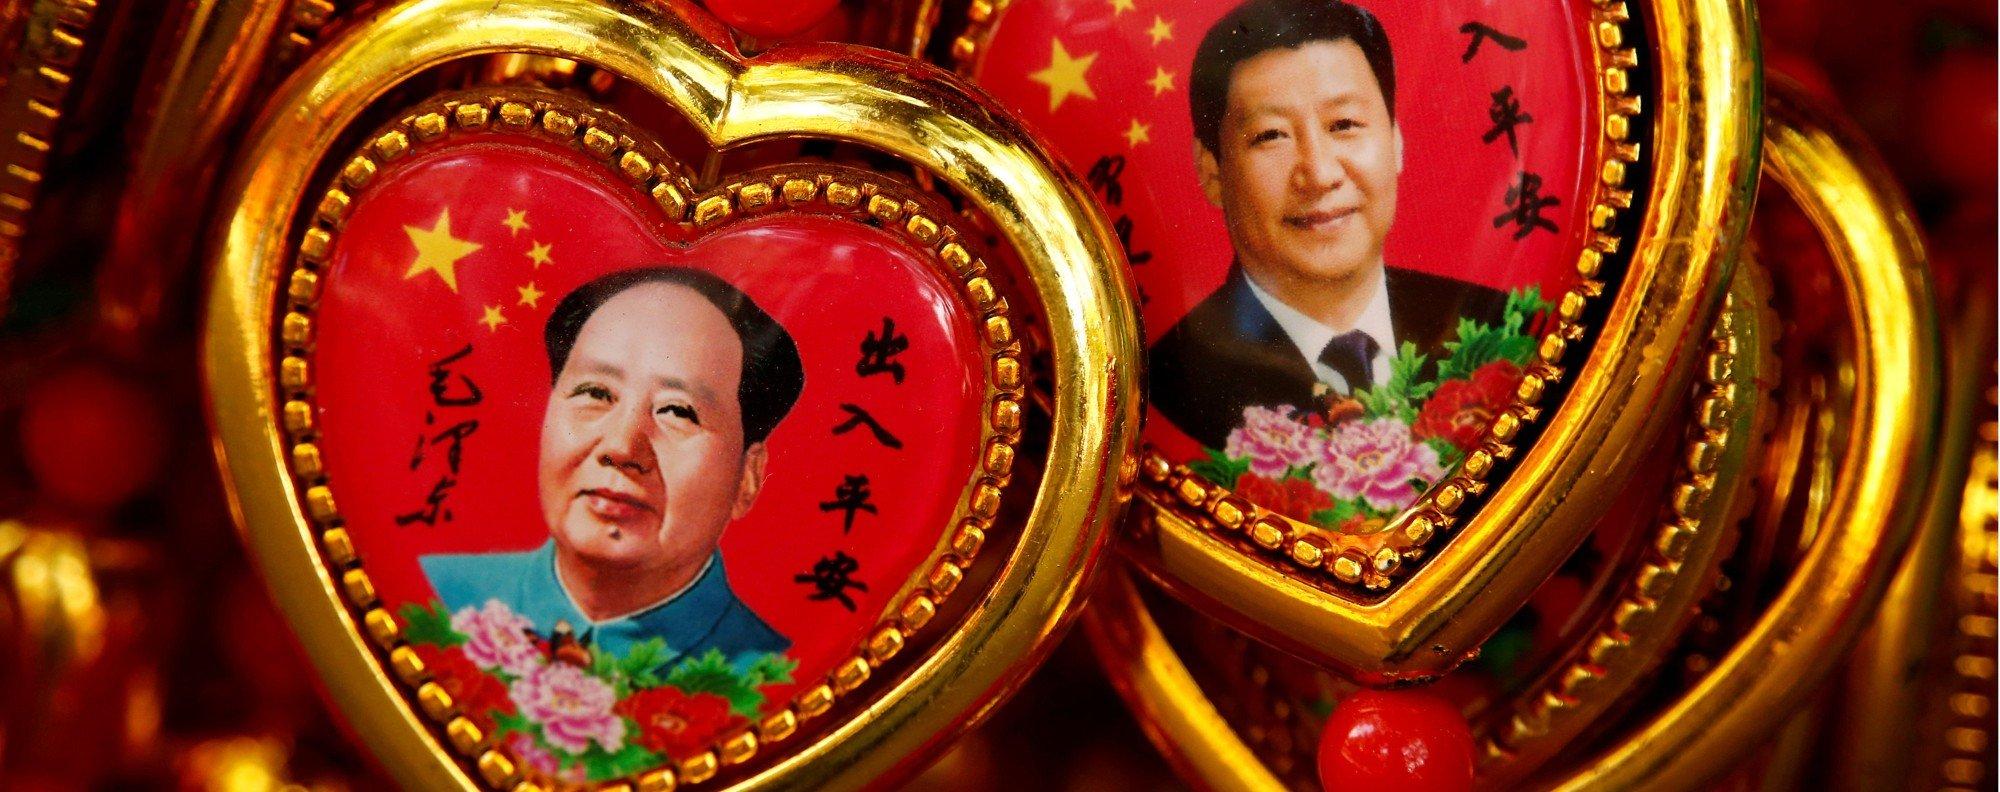 Souvenirs portraying Mao Zedong and Xi Jinping. Photo: Reuters